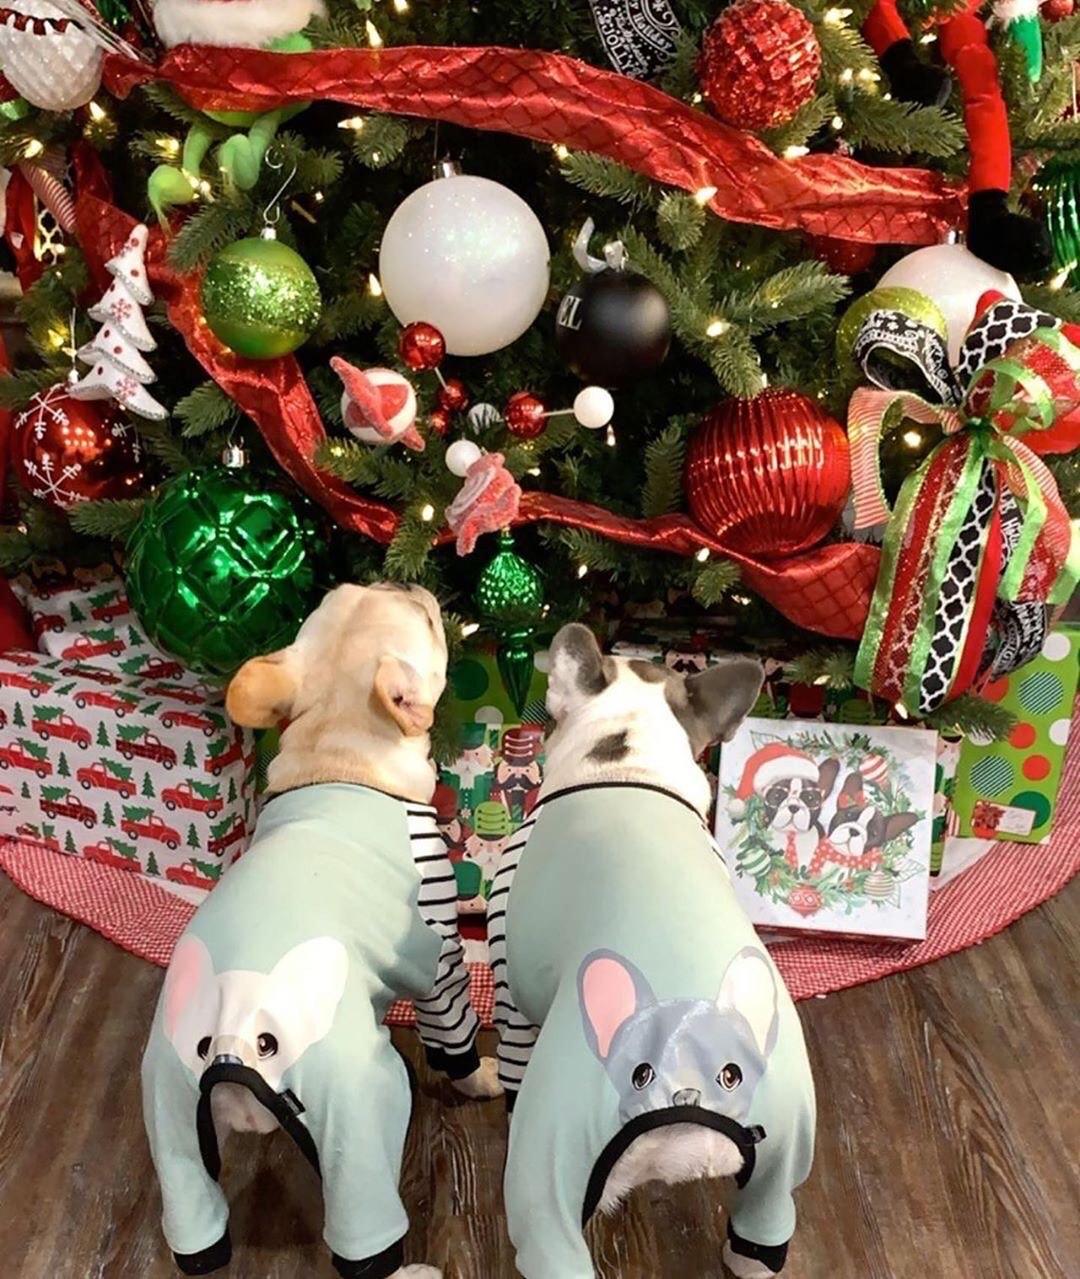 Deux chiens Frenchie portant un pyjama pour chien de spécialité Frenchiestore sous un arbre de Noël